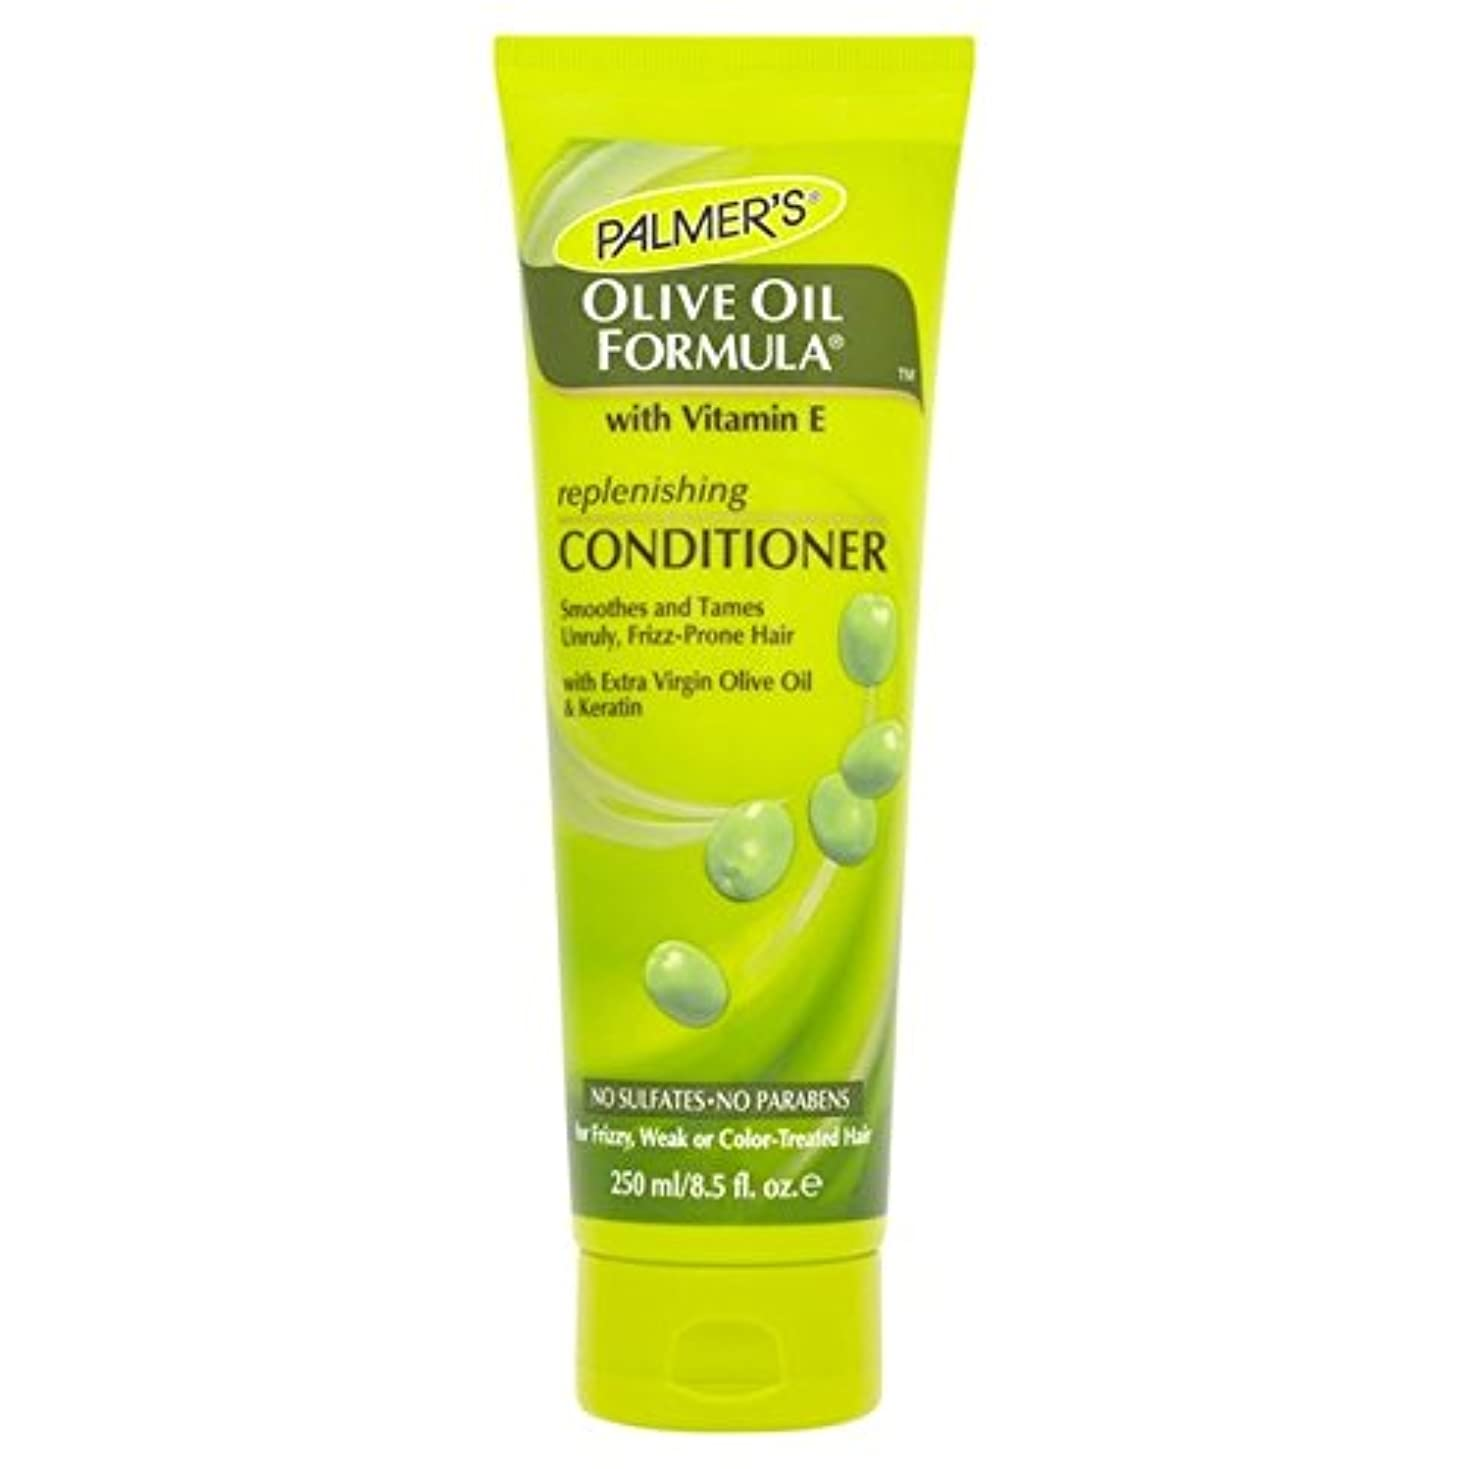 ソファー昼食違反するPalmer's Olive Oil Formula Restoring Conditioner 250ml - パーマーのオリーブオイル式リストアコンディショナー250 [並行輸入品]